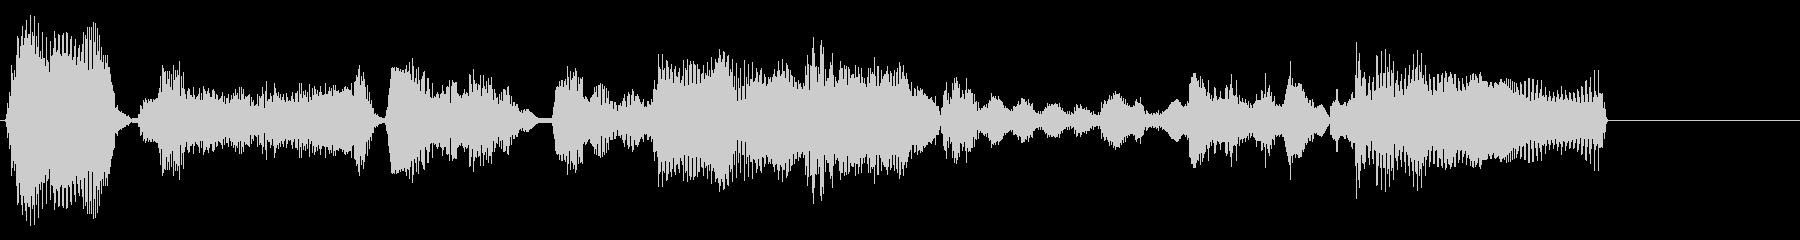 エレクトリックピアノの落ち着いたジングルの未再生の波形